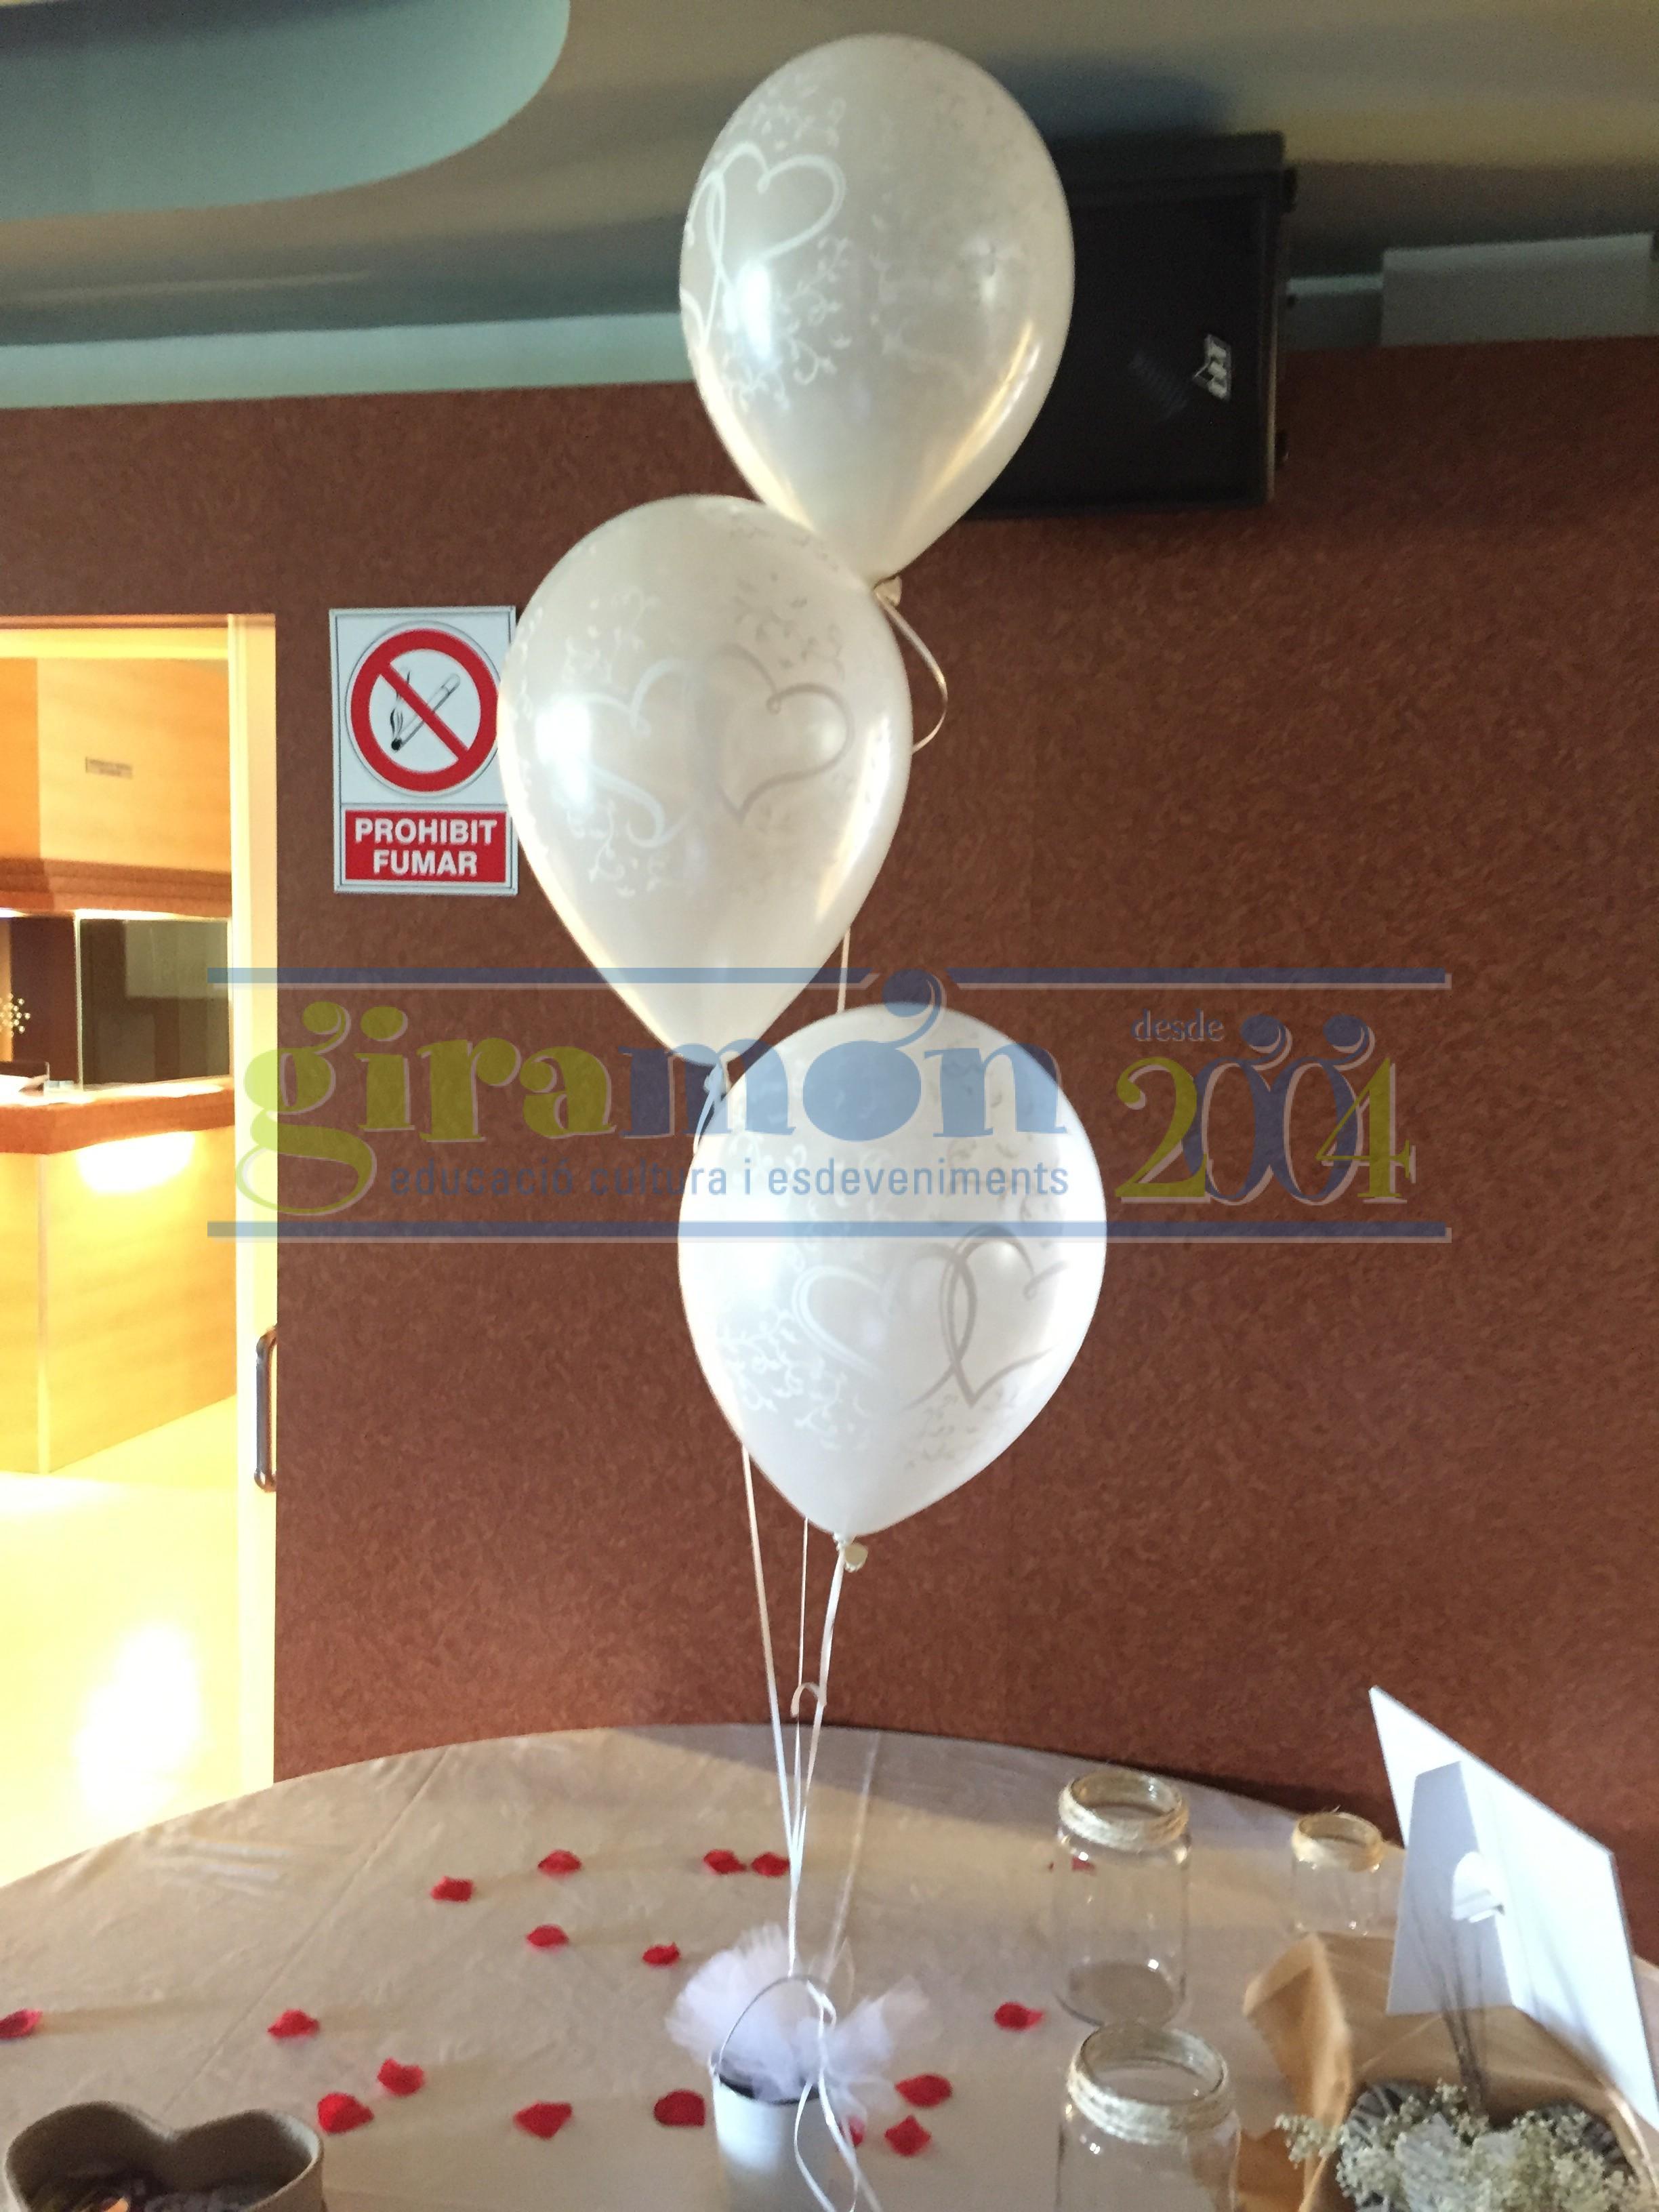 Centros de mesa para boda con globos - Centros d mesa ...